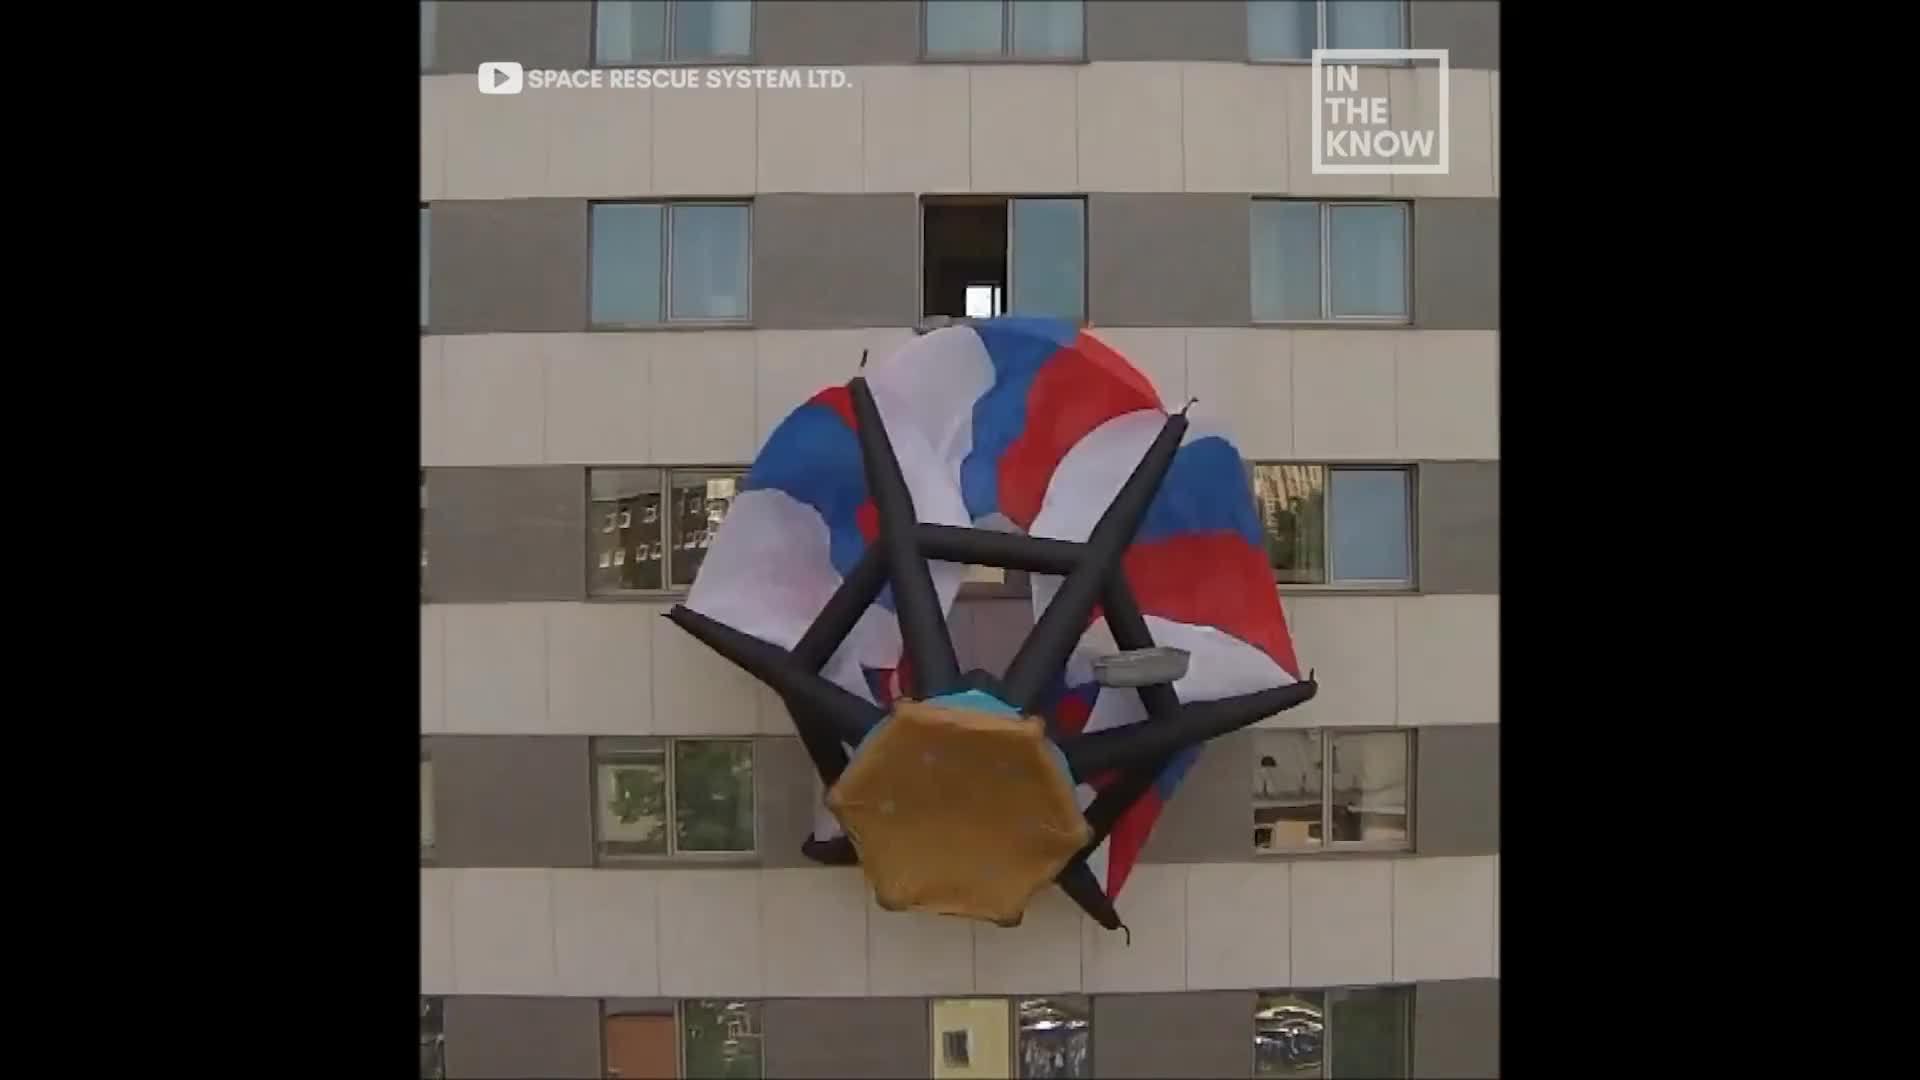 Ba lô thoát hiểm biến thành dù để nhảy khỏi nhà cao tầng